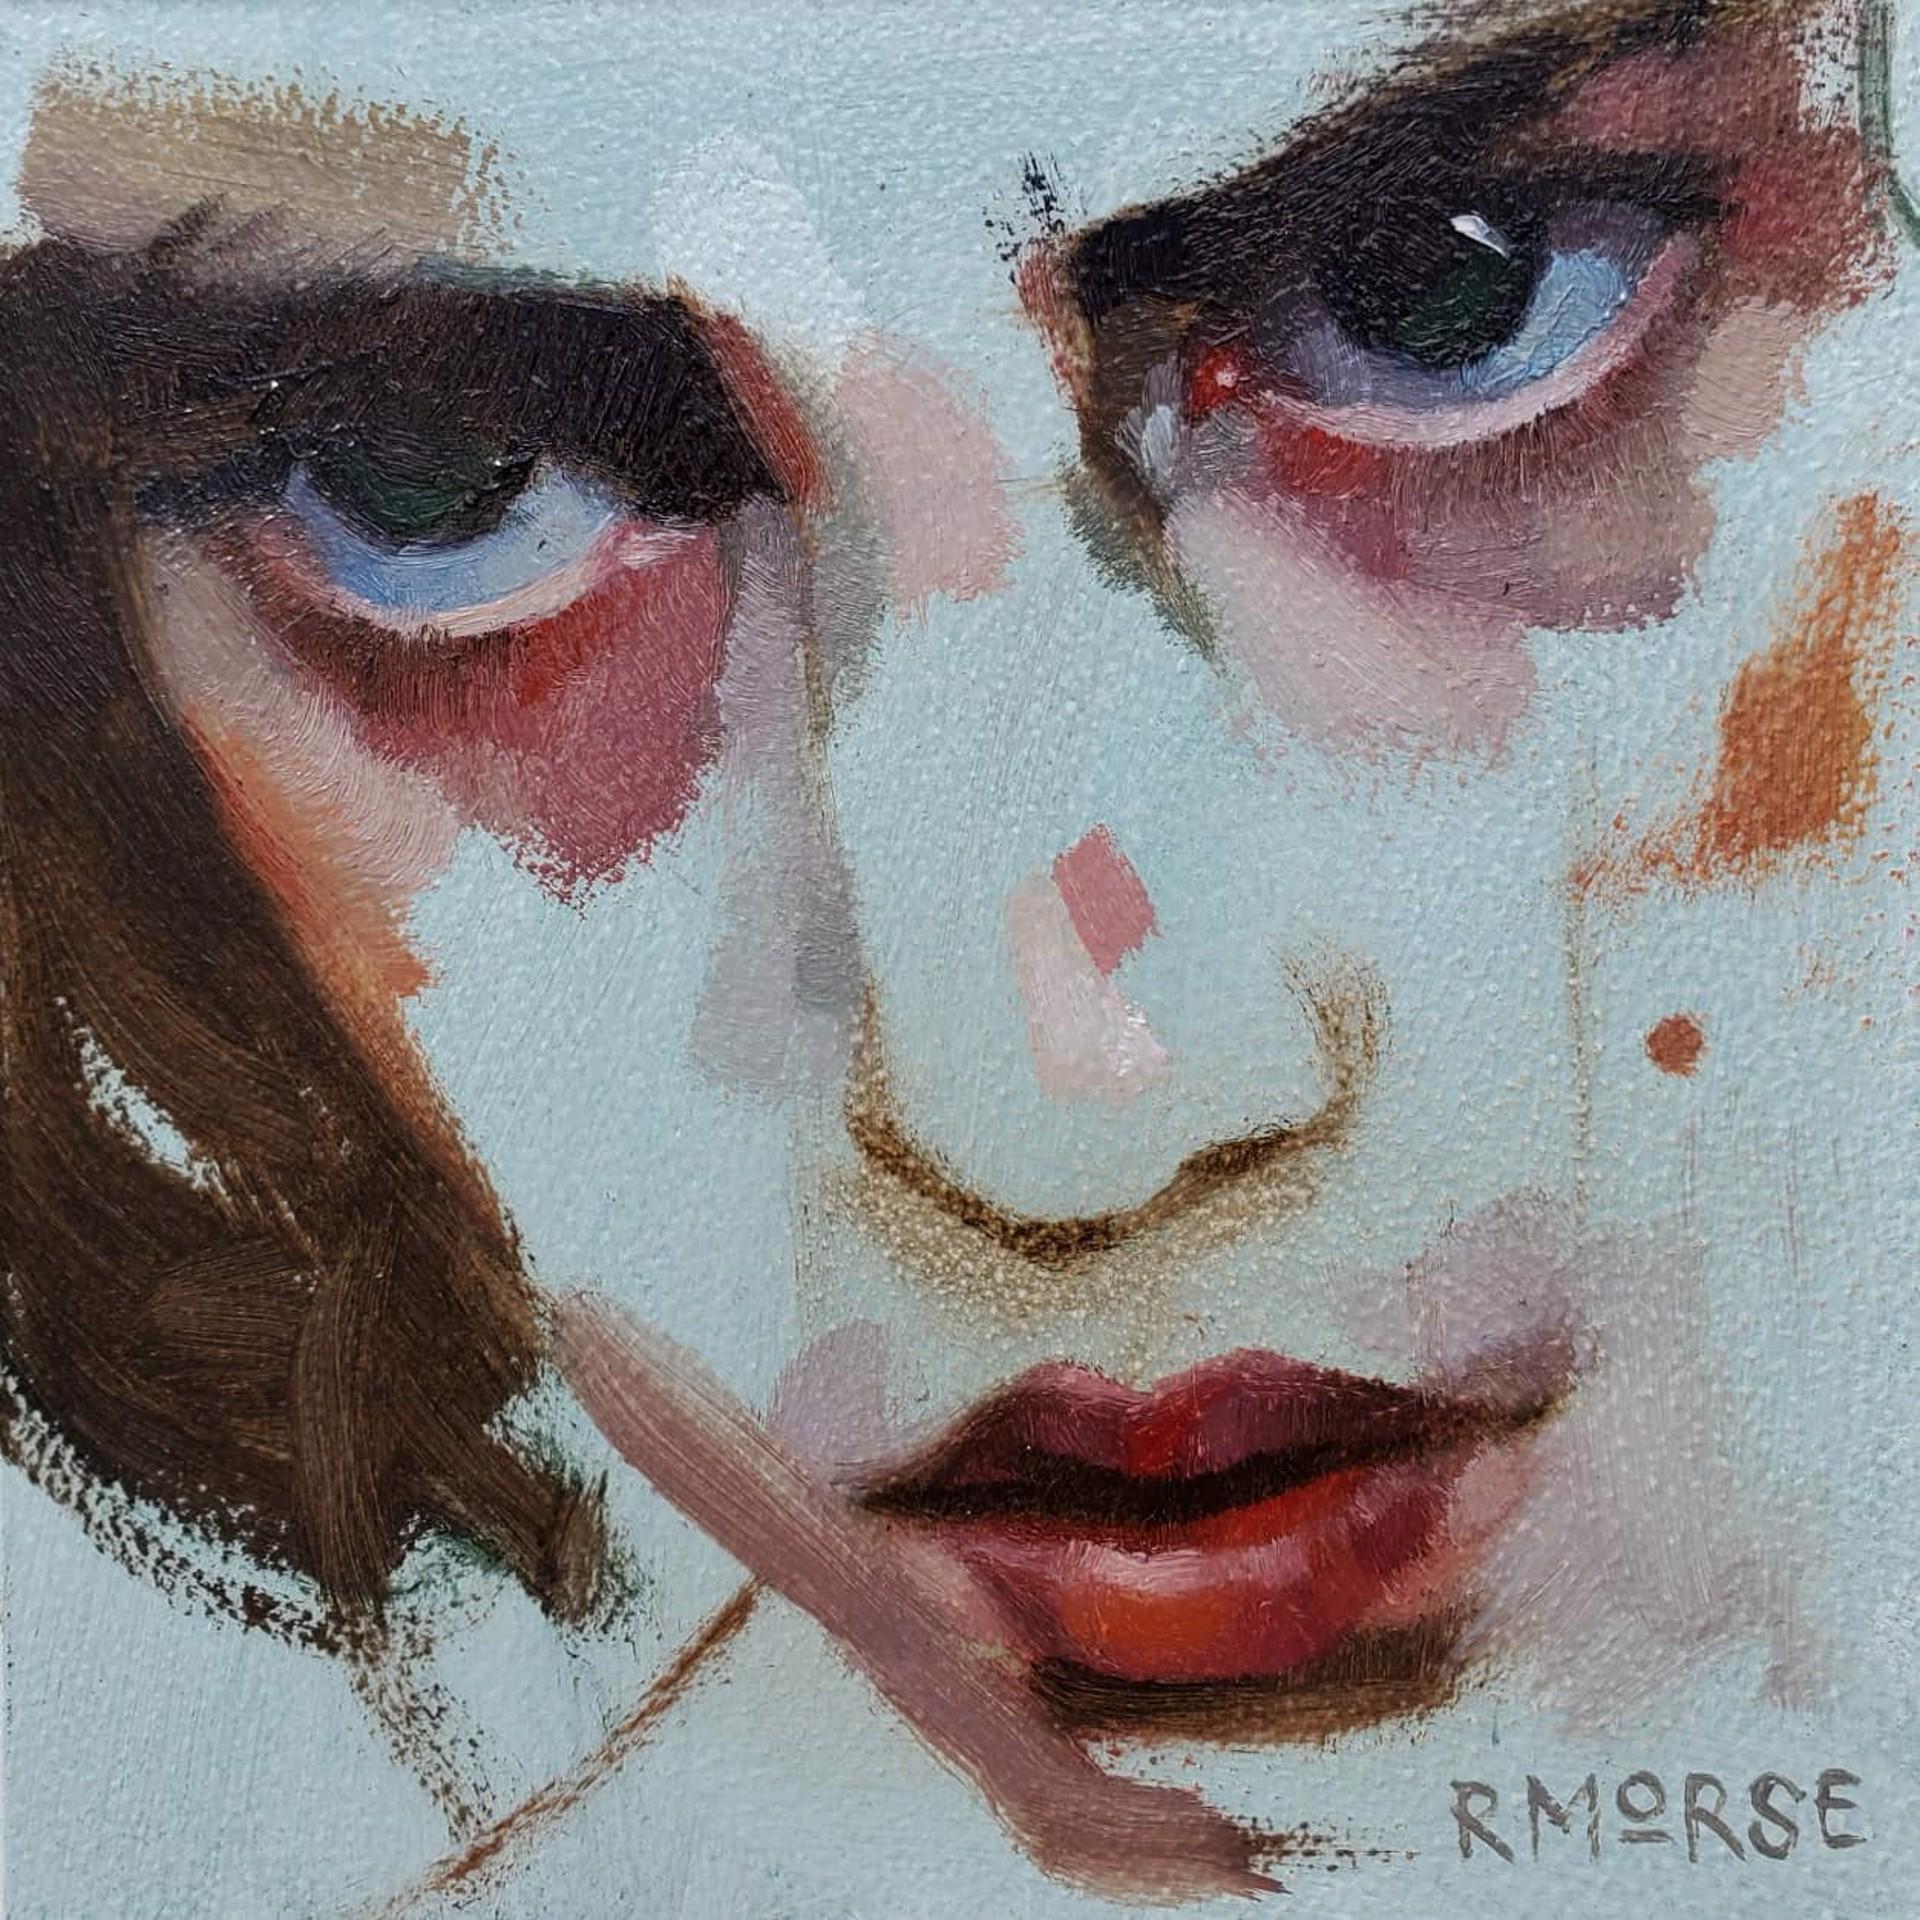 Piercing by Ryan Morse